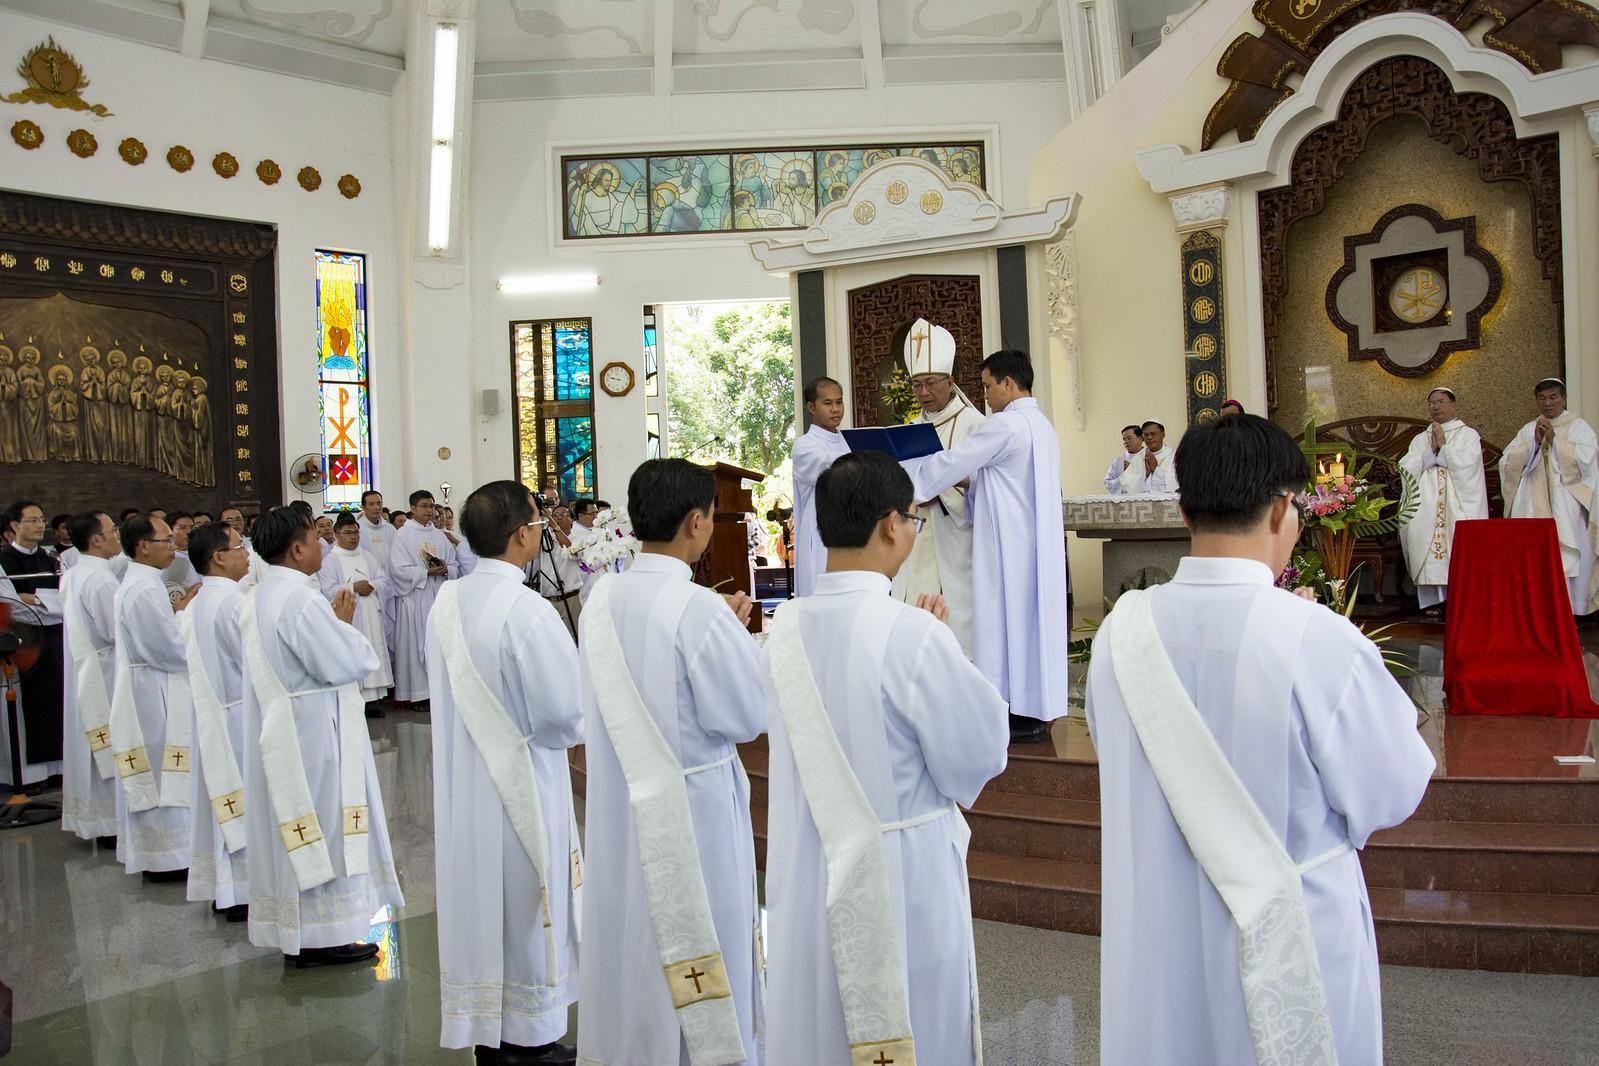 Đan Viện Thánh Mẫu Phước Sơn : Thánh Lễ Truyền Chức Linh Mục - Ảnh minh hoạ 9